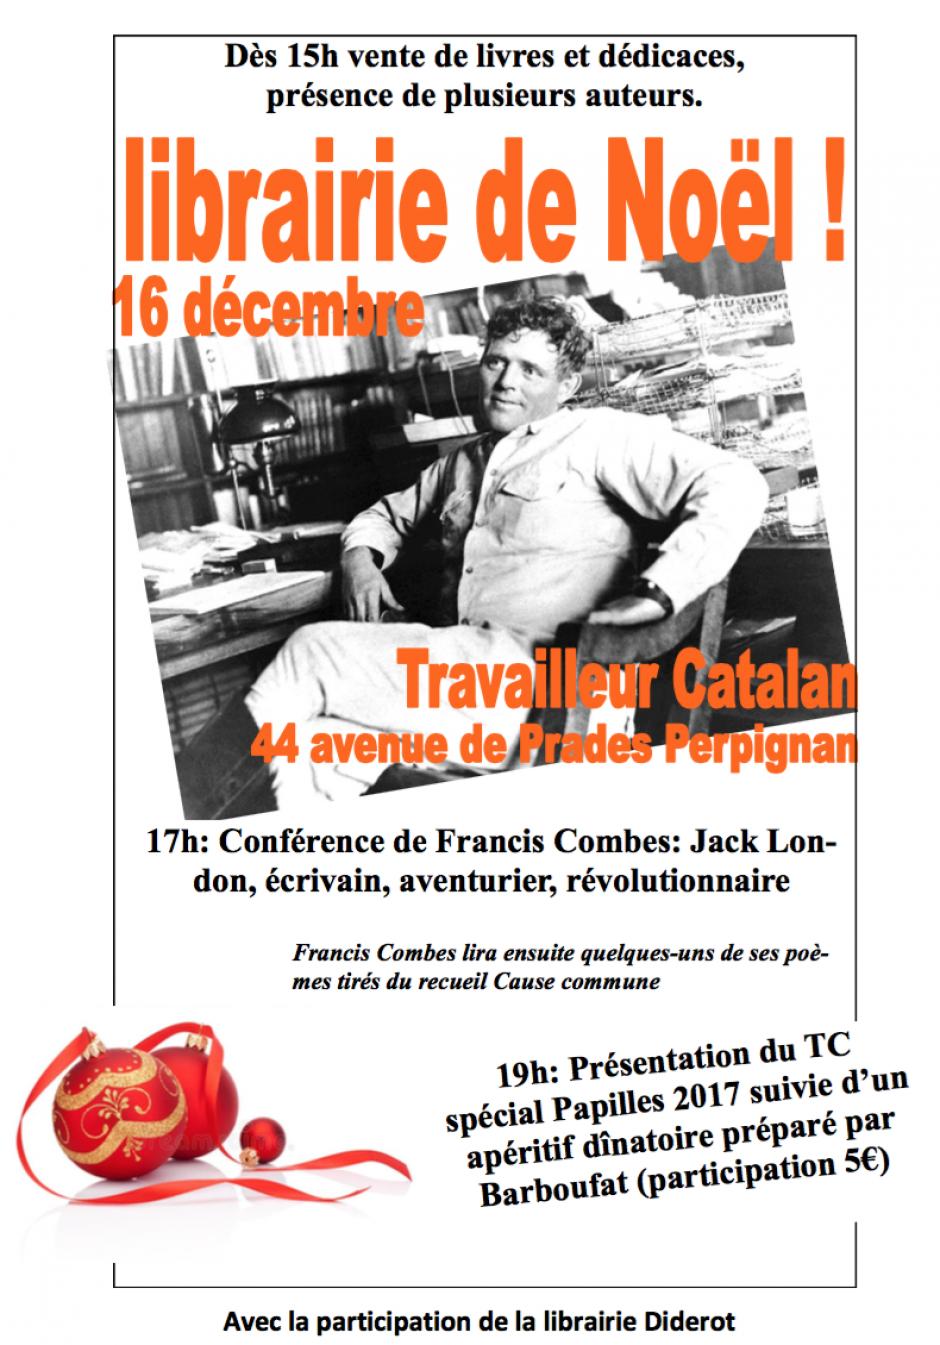 Librairie de Noël et présentation du Travailleur Catalan